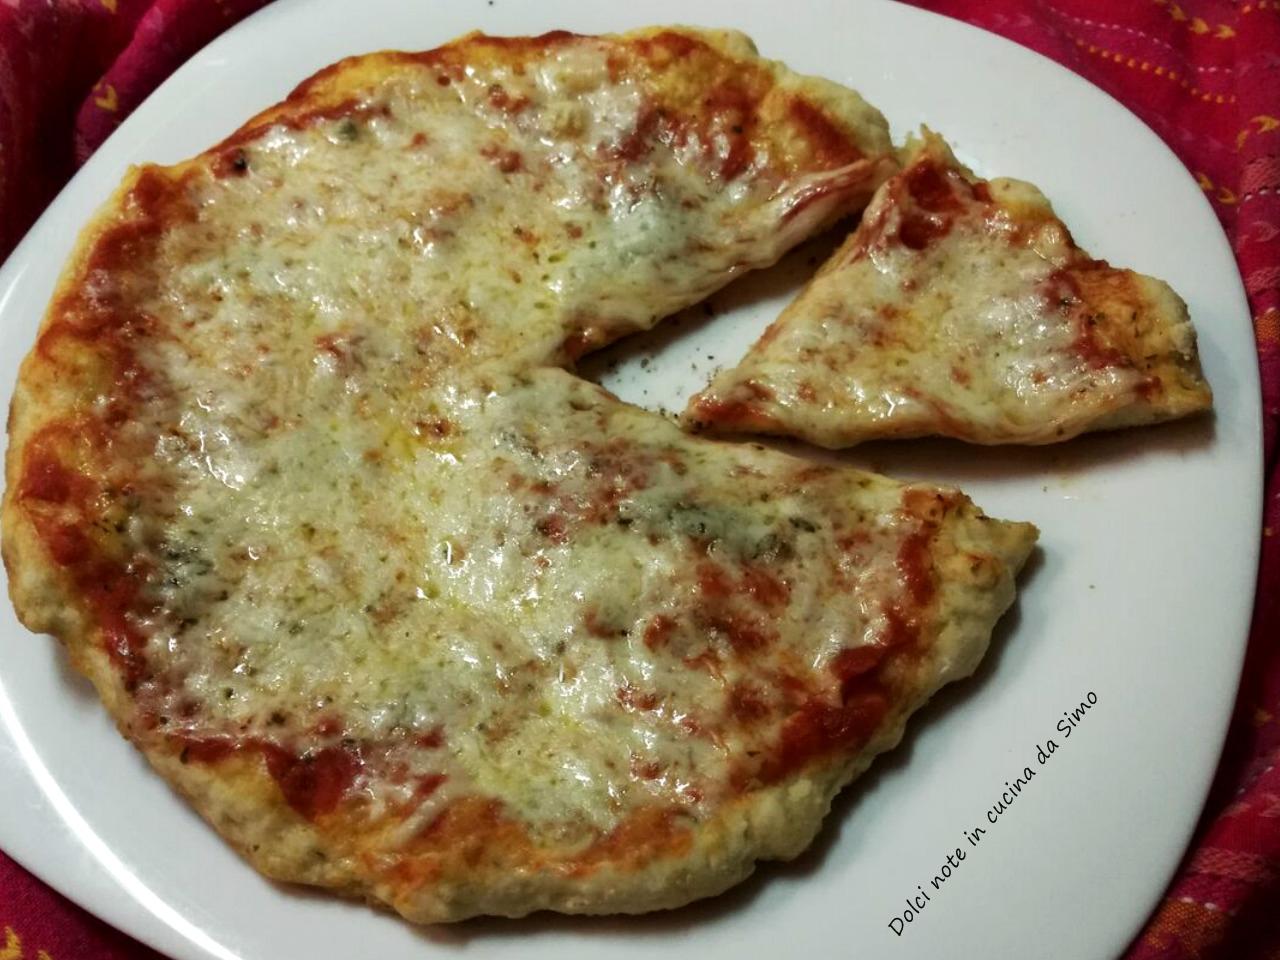 Ricetta Pizza In Padella.Pizza Cotta In Padella Dolci Note In Cucina Da Simo